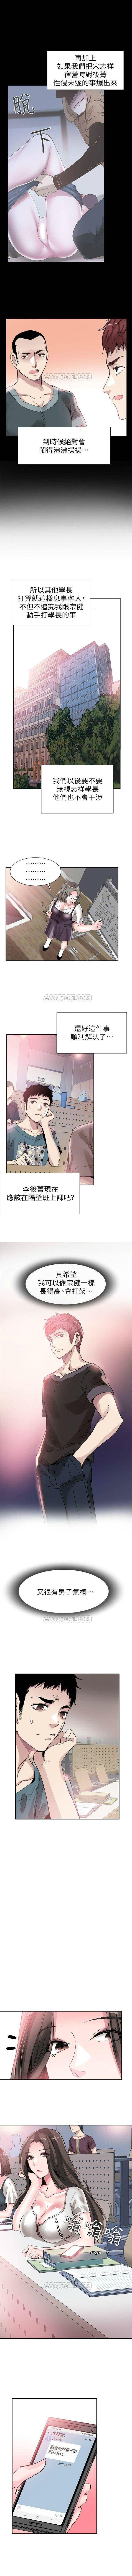 (週7)校園live秀 1-50 中文翻譯(更新中) 291